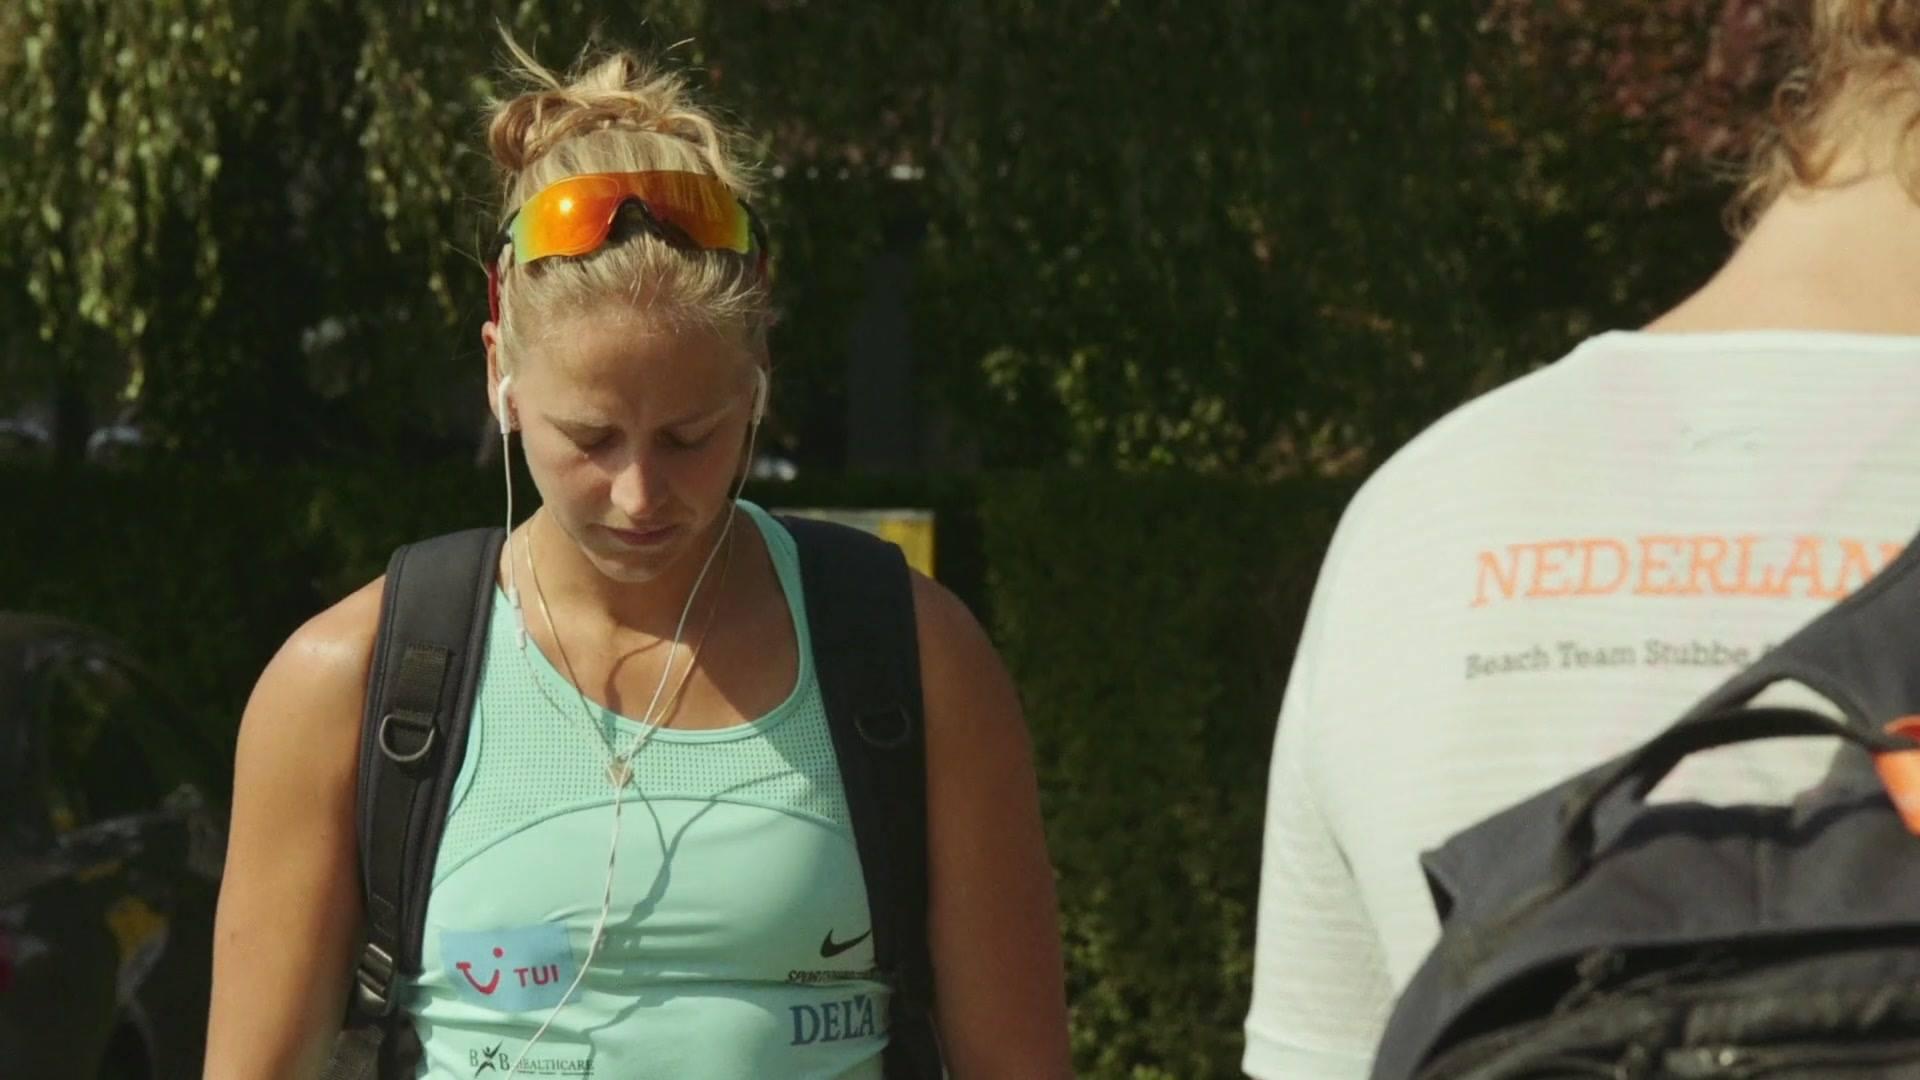 Marleen van Iersel - Beachvolleyball